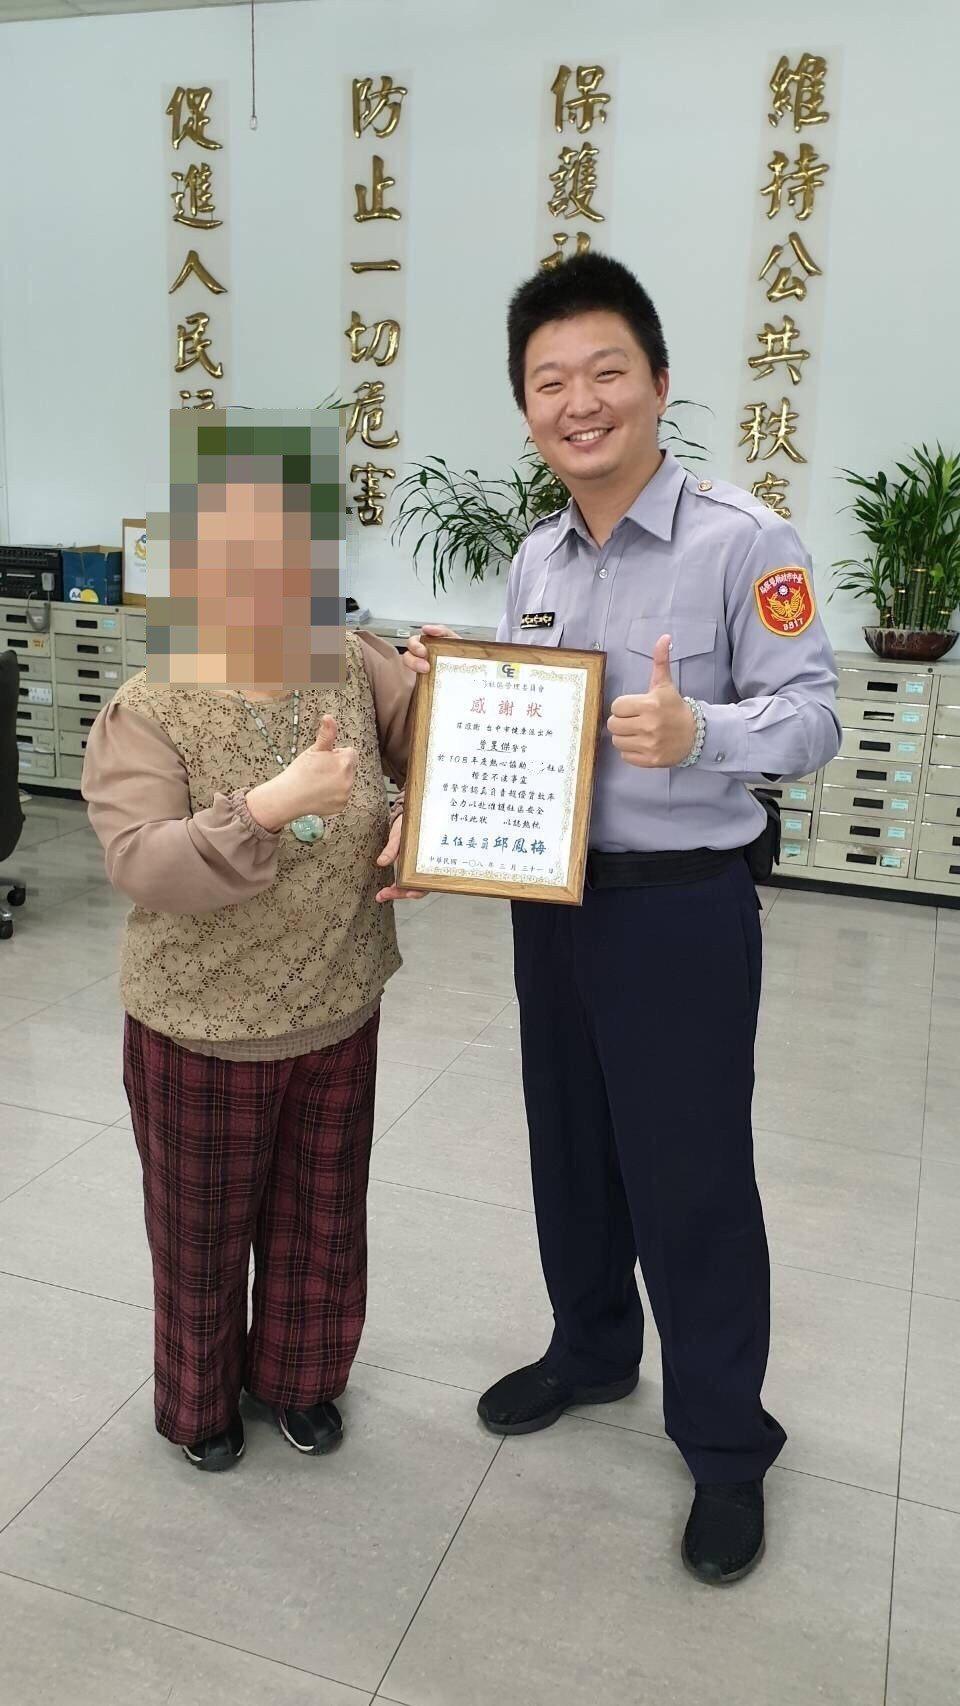 台中市第三警分局警員曾旻傑積極查緝毒品,趕跑南區某大樓的毒犯,住戶十分感謝,還選...